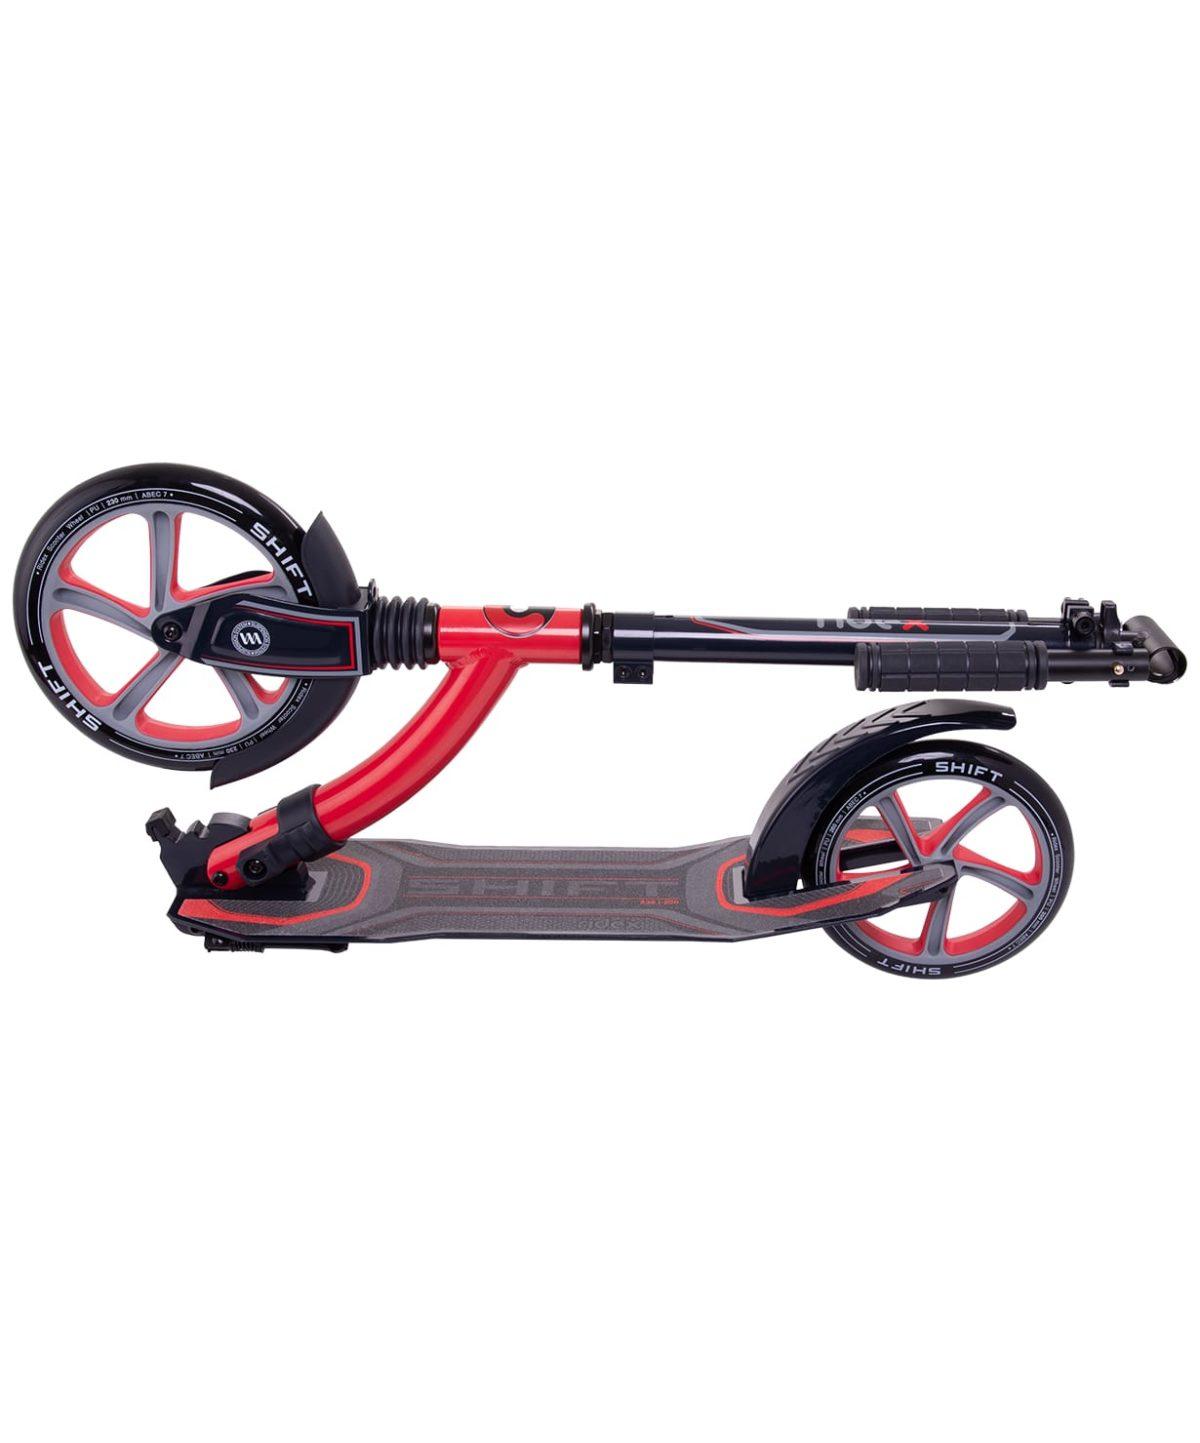 RIDEX Shift Самокат 2-колесный 230/200 мм  Shift: красный - 6